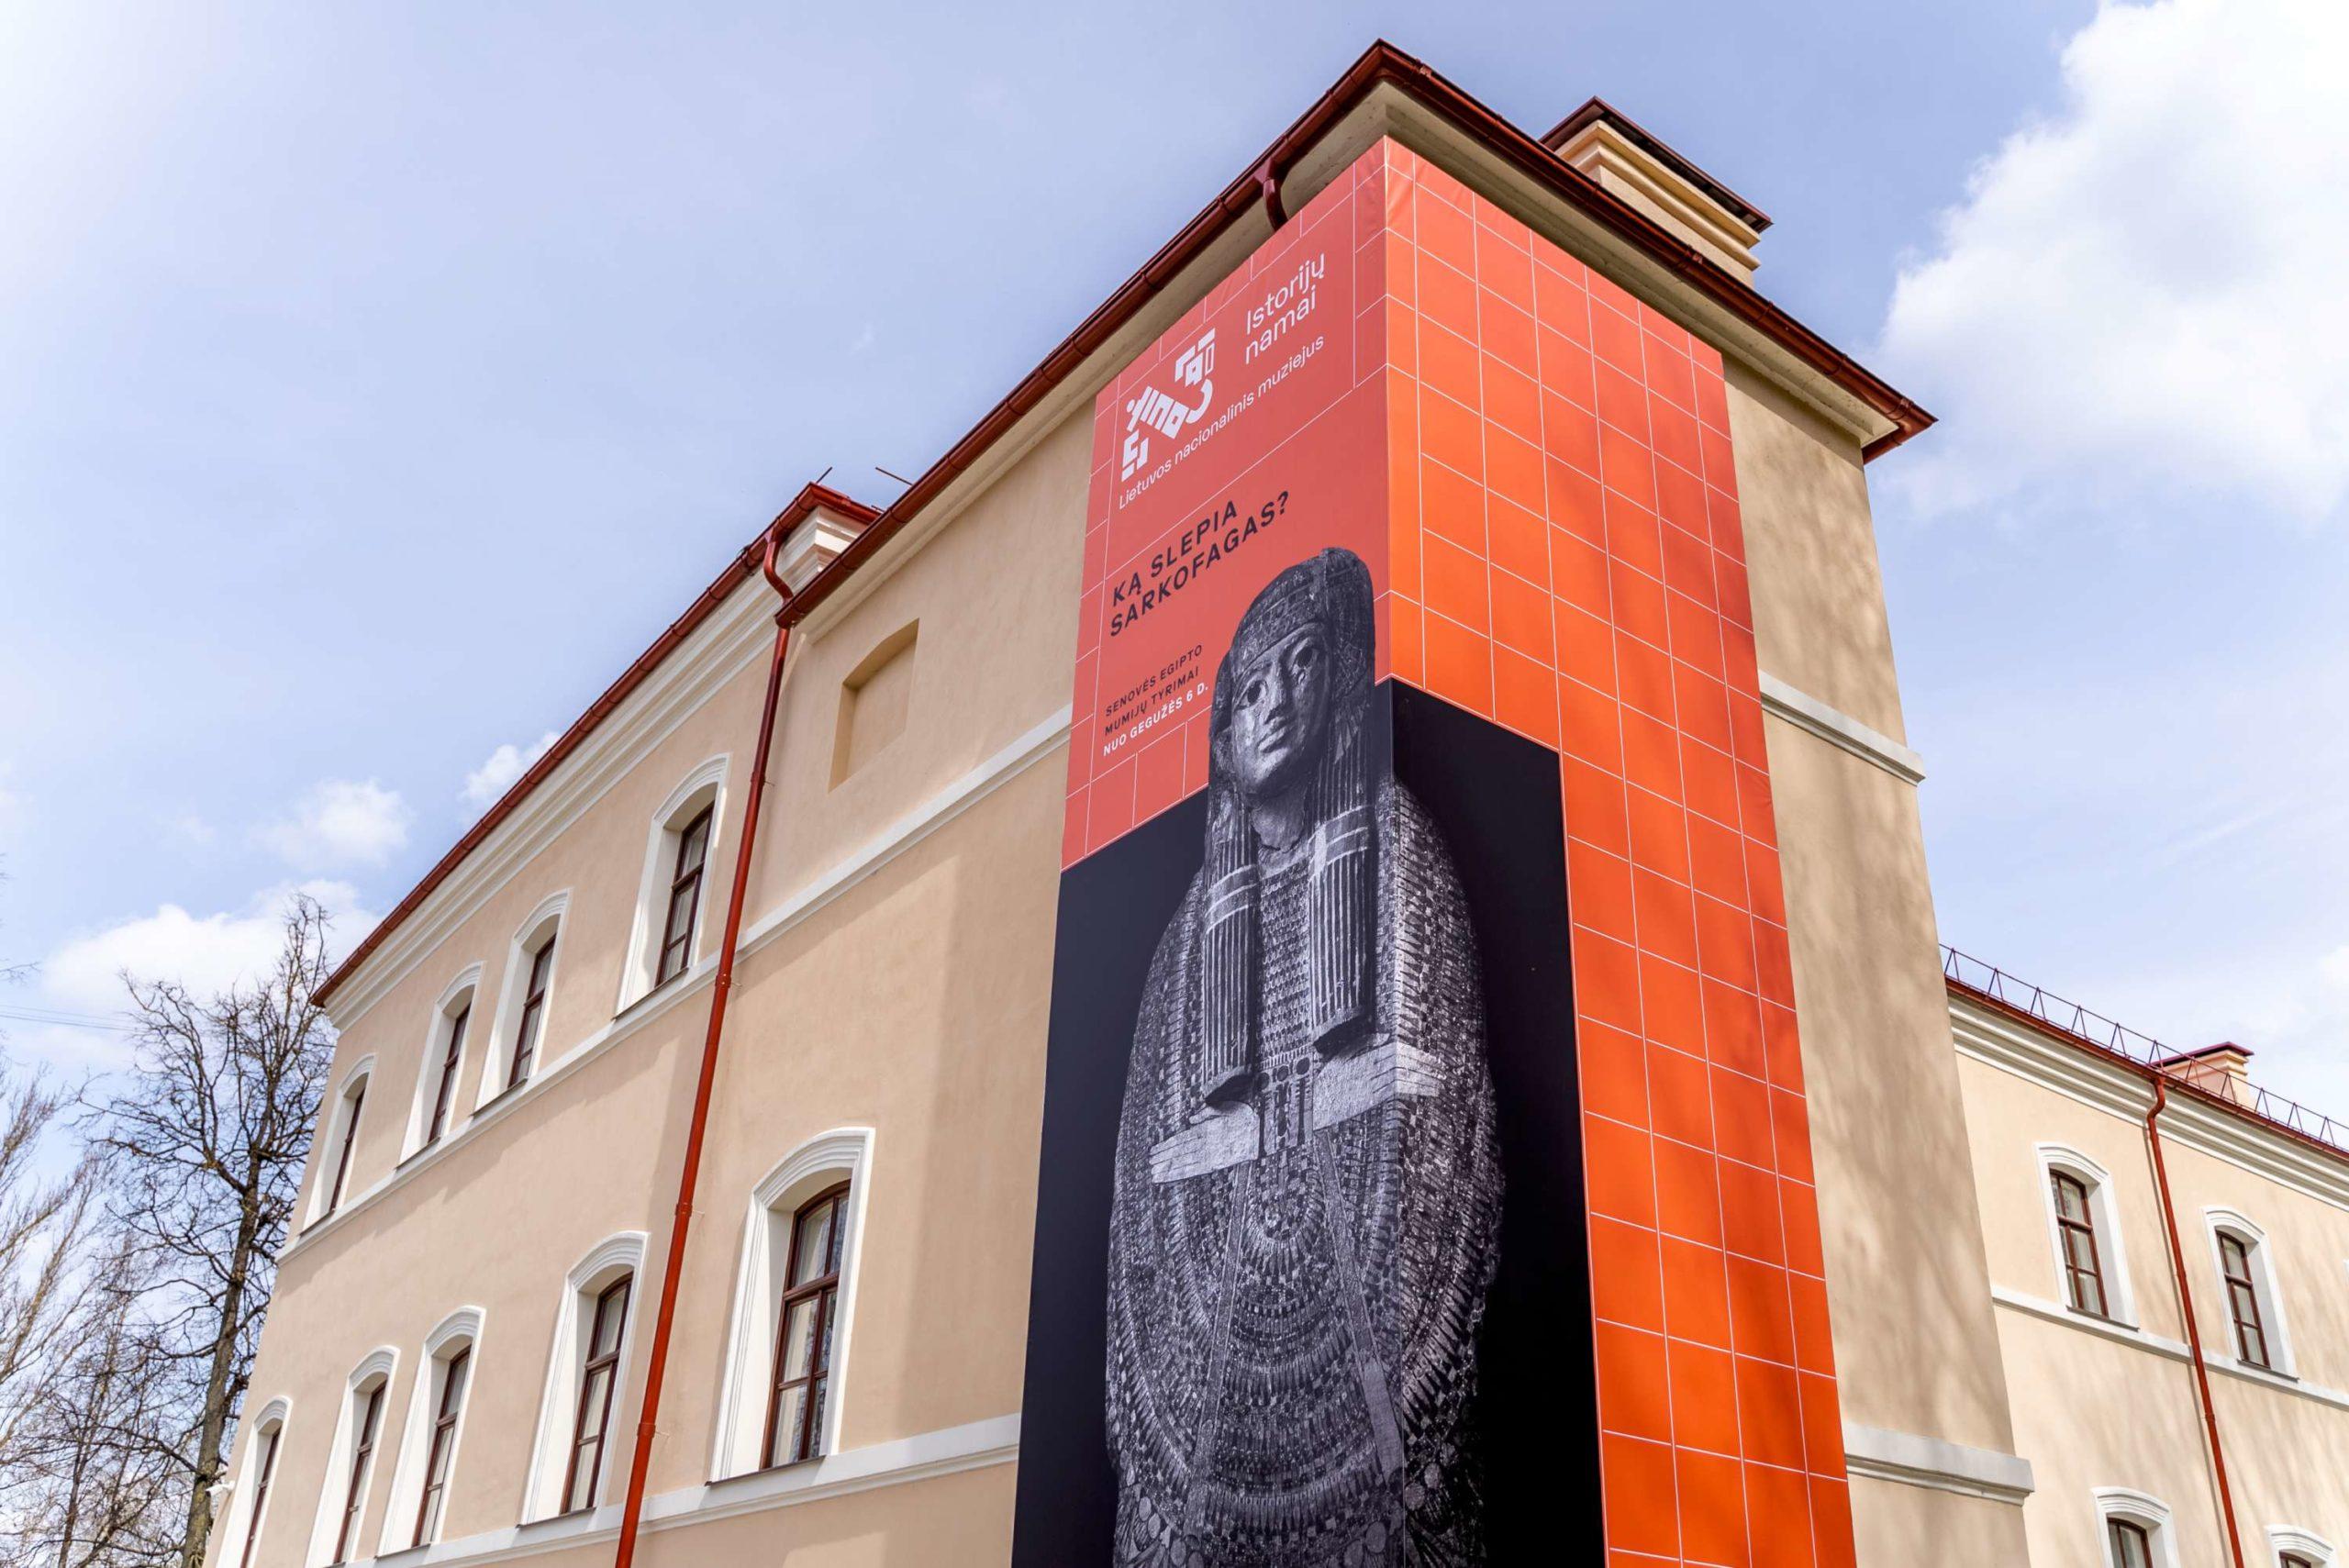 Parodos veikia naujajame muziejaus padalinyje - Istorijų namuose, T. Kosciuškos g. 3 | LNM, S. Samsono nuor.